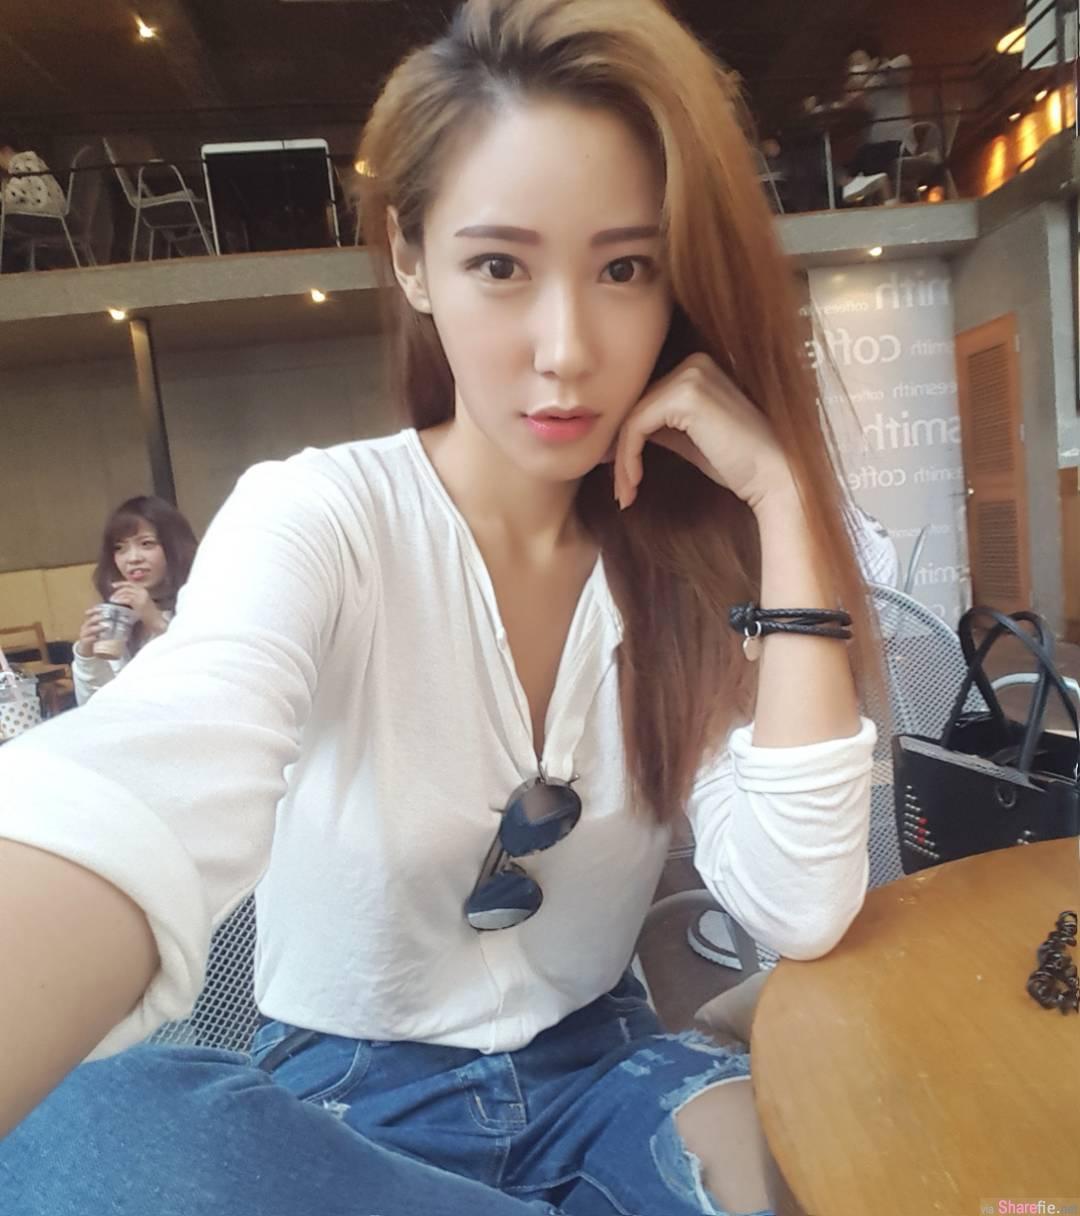 韩国美乳车模身材脸蛋超棒 网友:想和你一起吹吹风